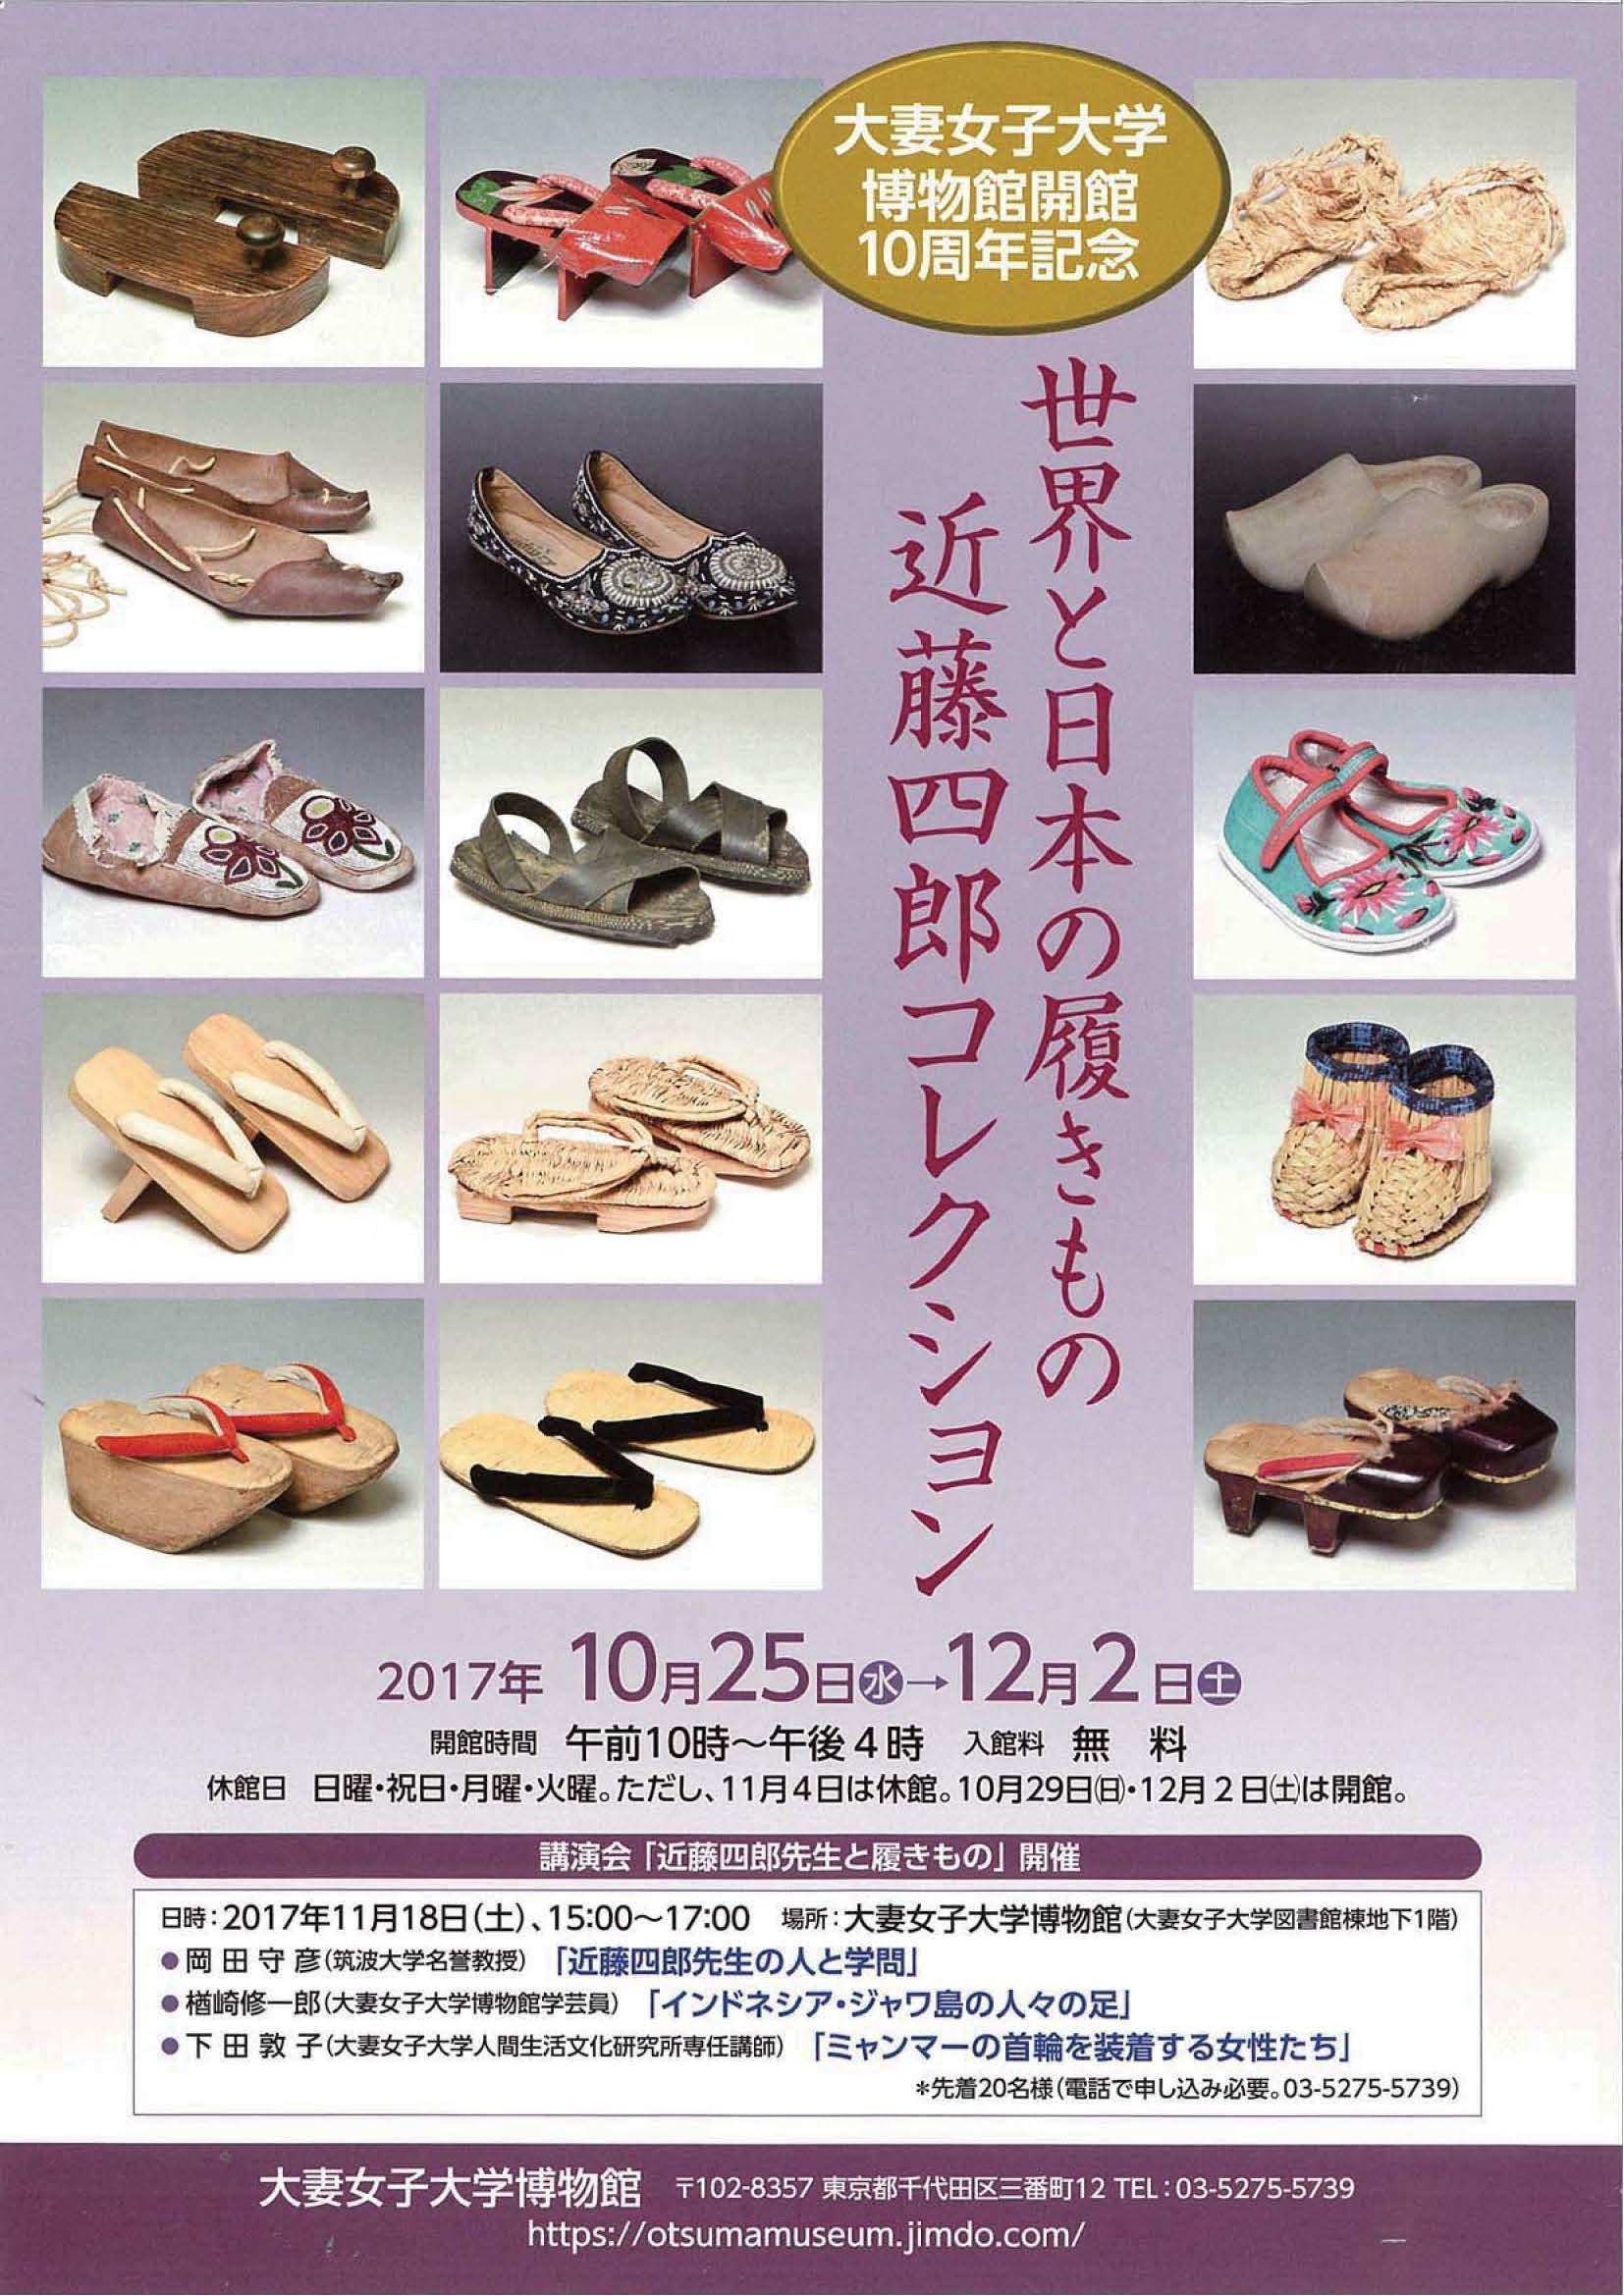 大妻女子大学博物館が12月2日(土)まで、開館10周年記念企画展示「世界と日本の履きもの:近藤四郎コレクション」を開催 -- 11月18日(土)には講演会も